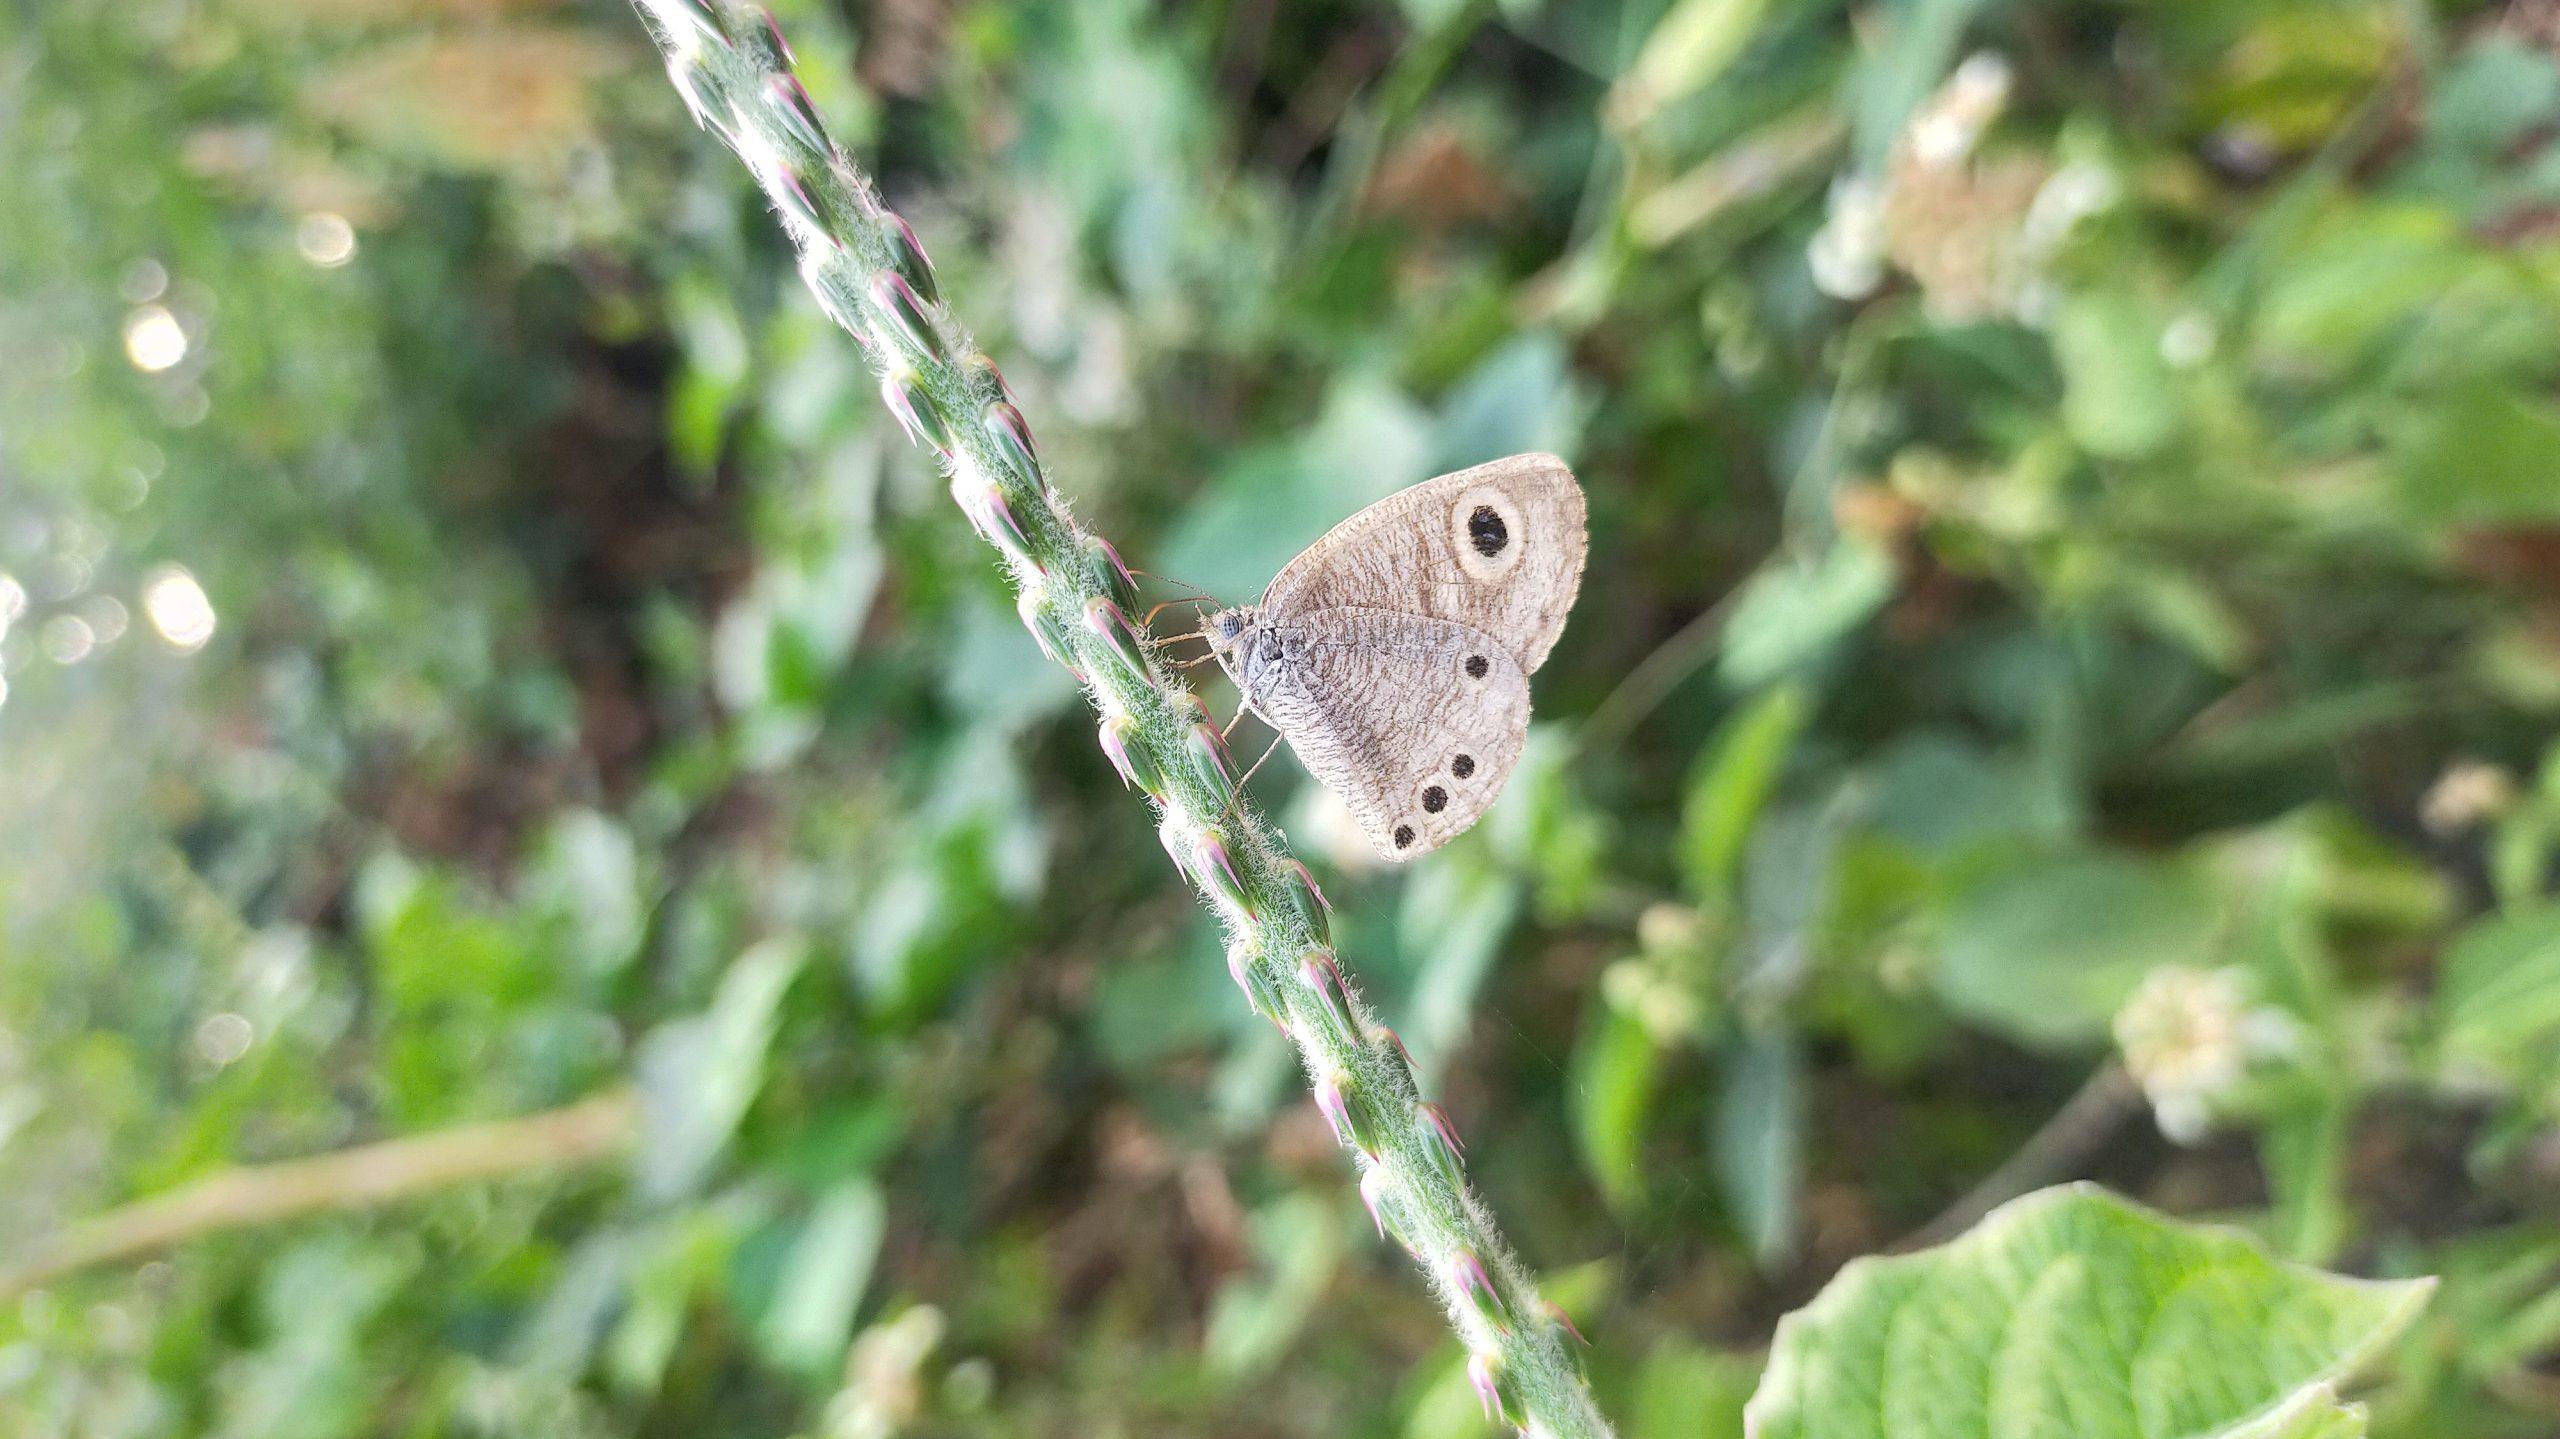 A butterfly on a plant stem